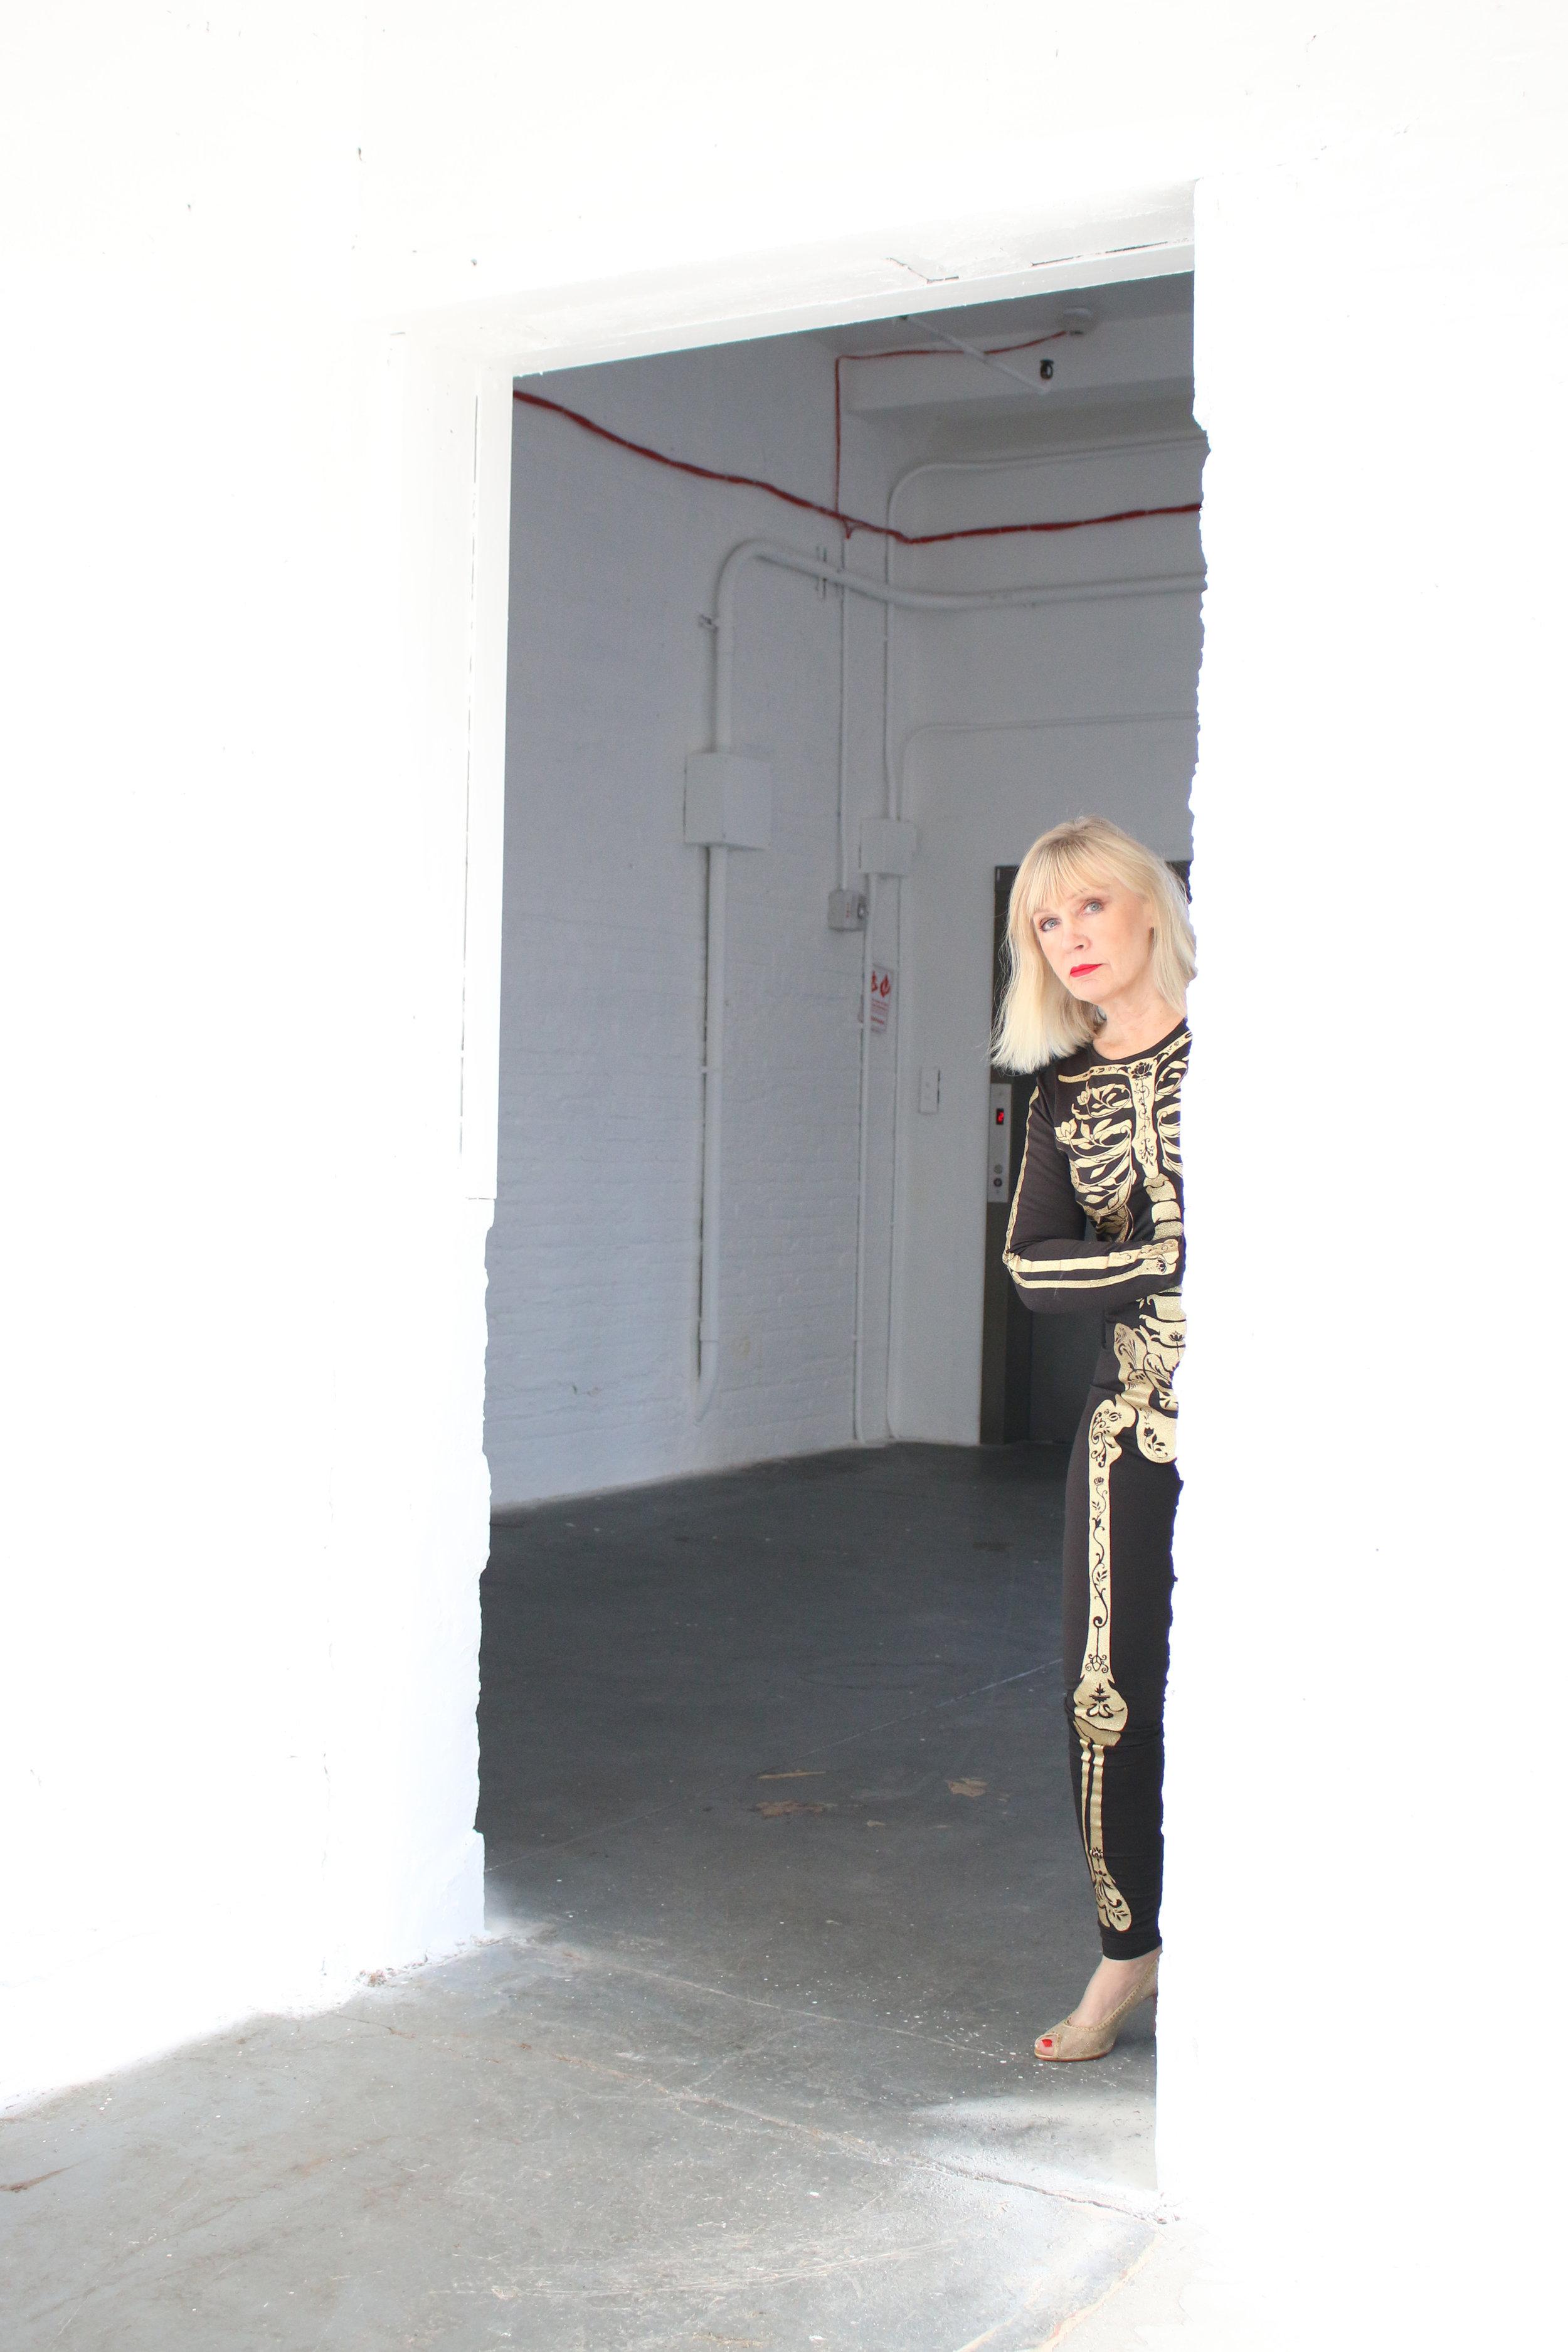 Halloween 2018 with Lucille Khornak